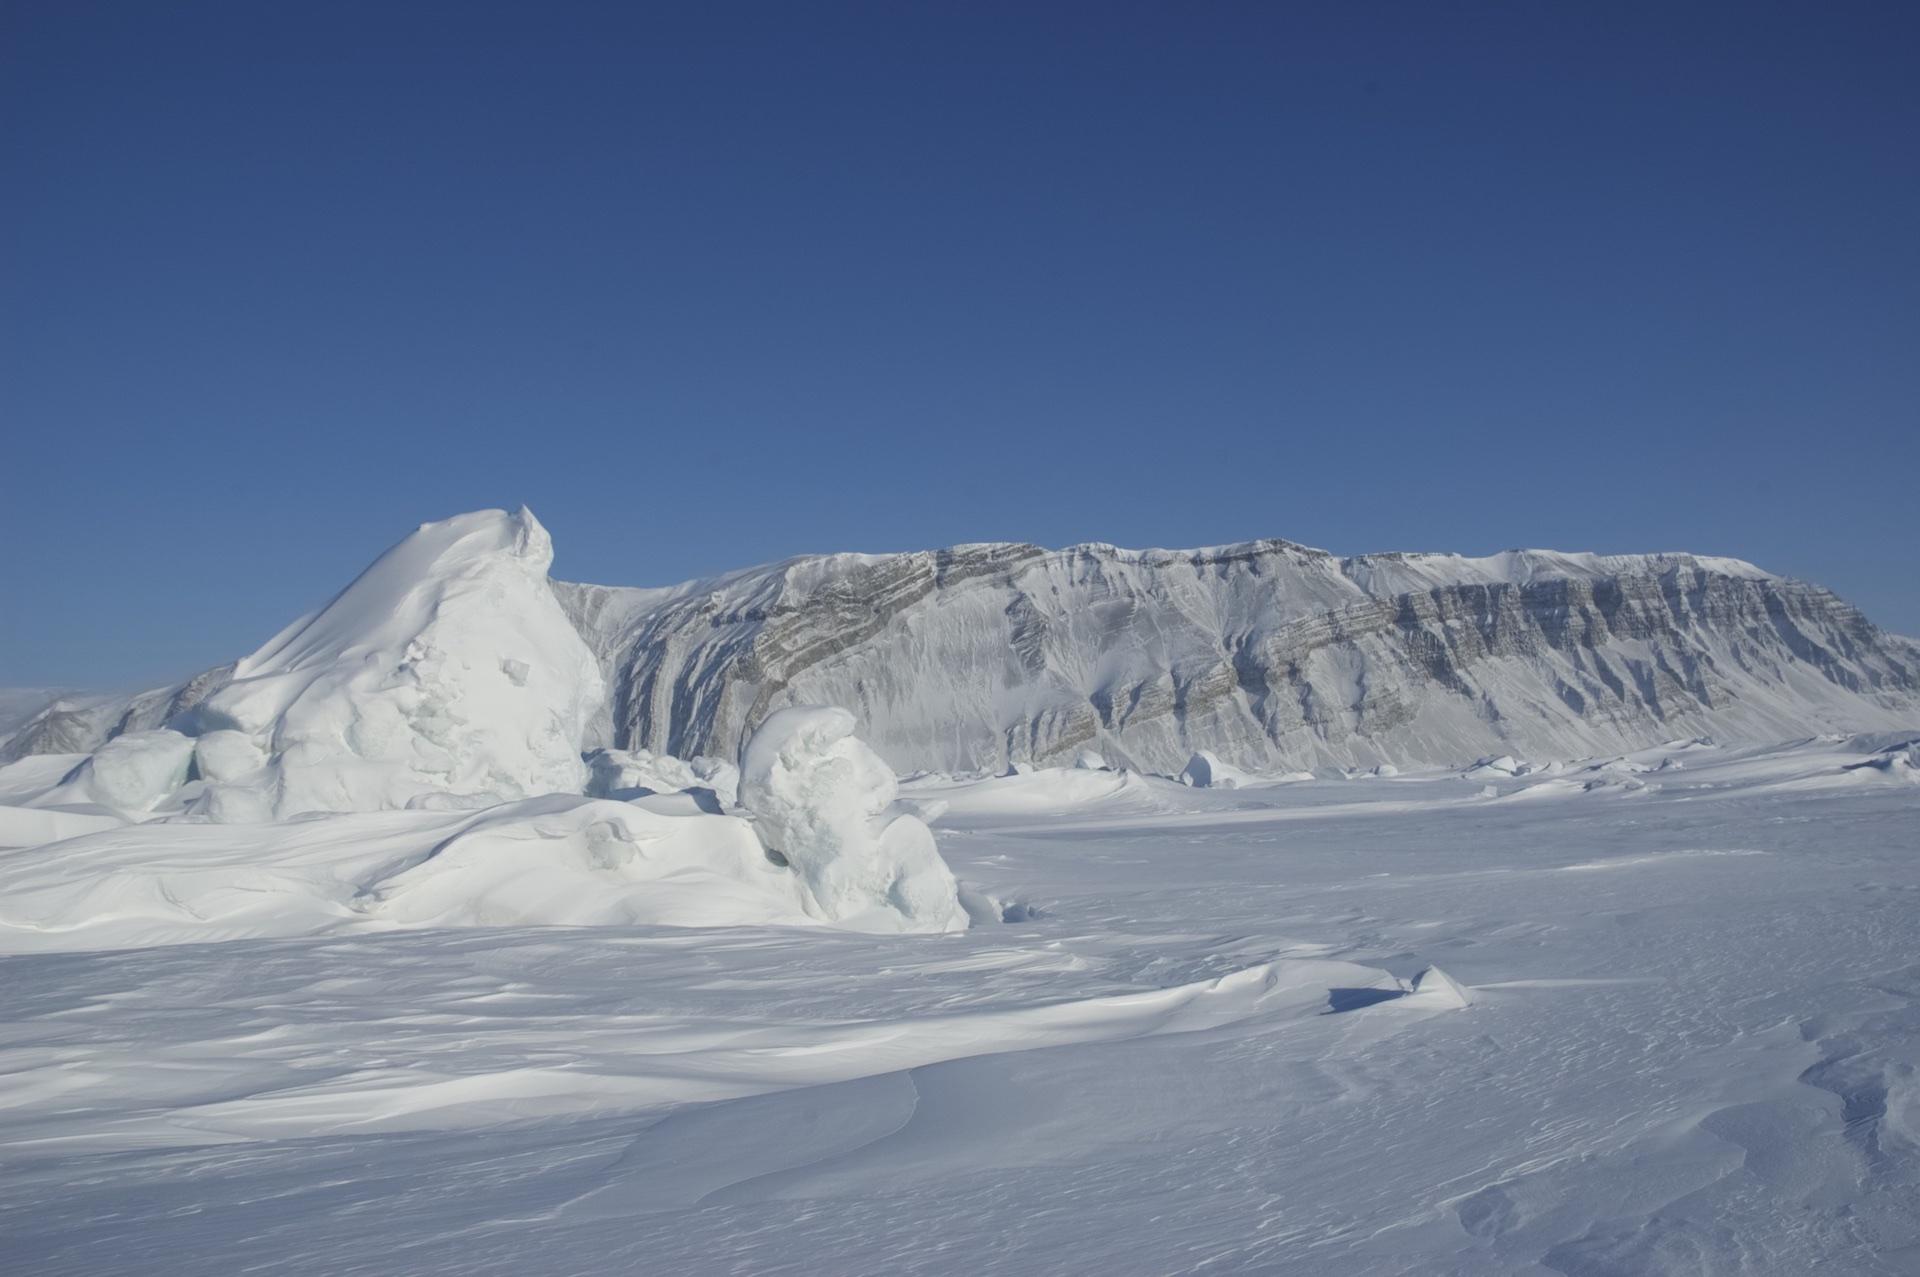 Arctic. Ellesmere Island. 2007